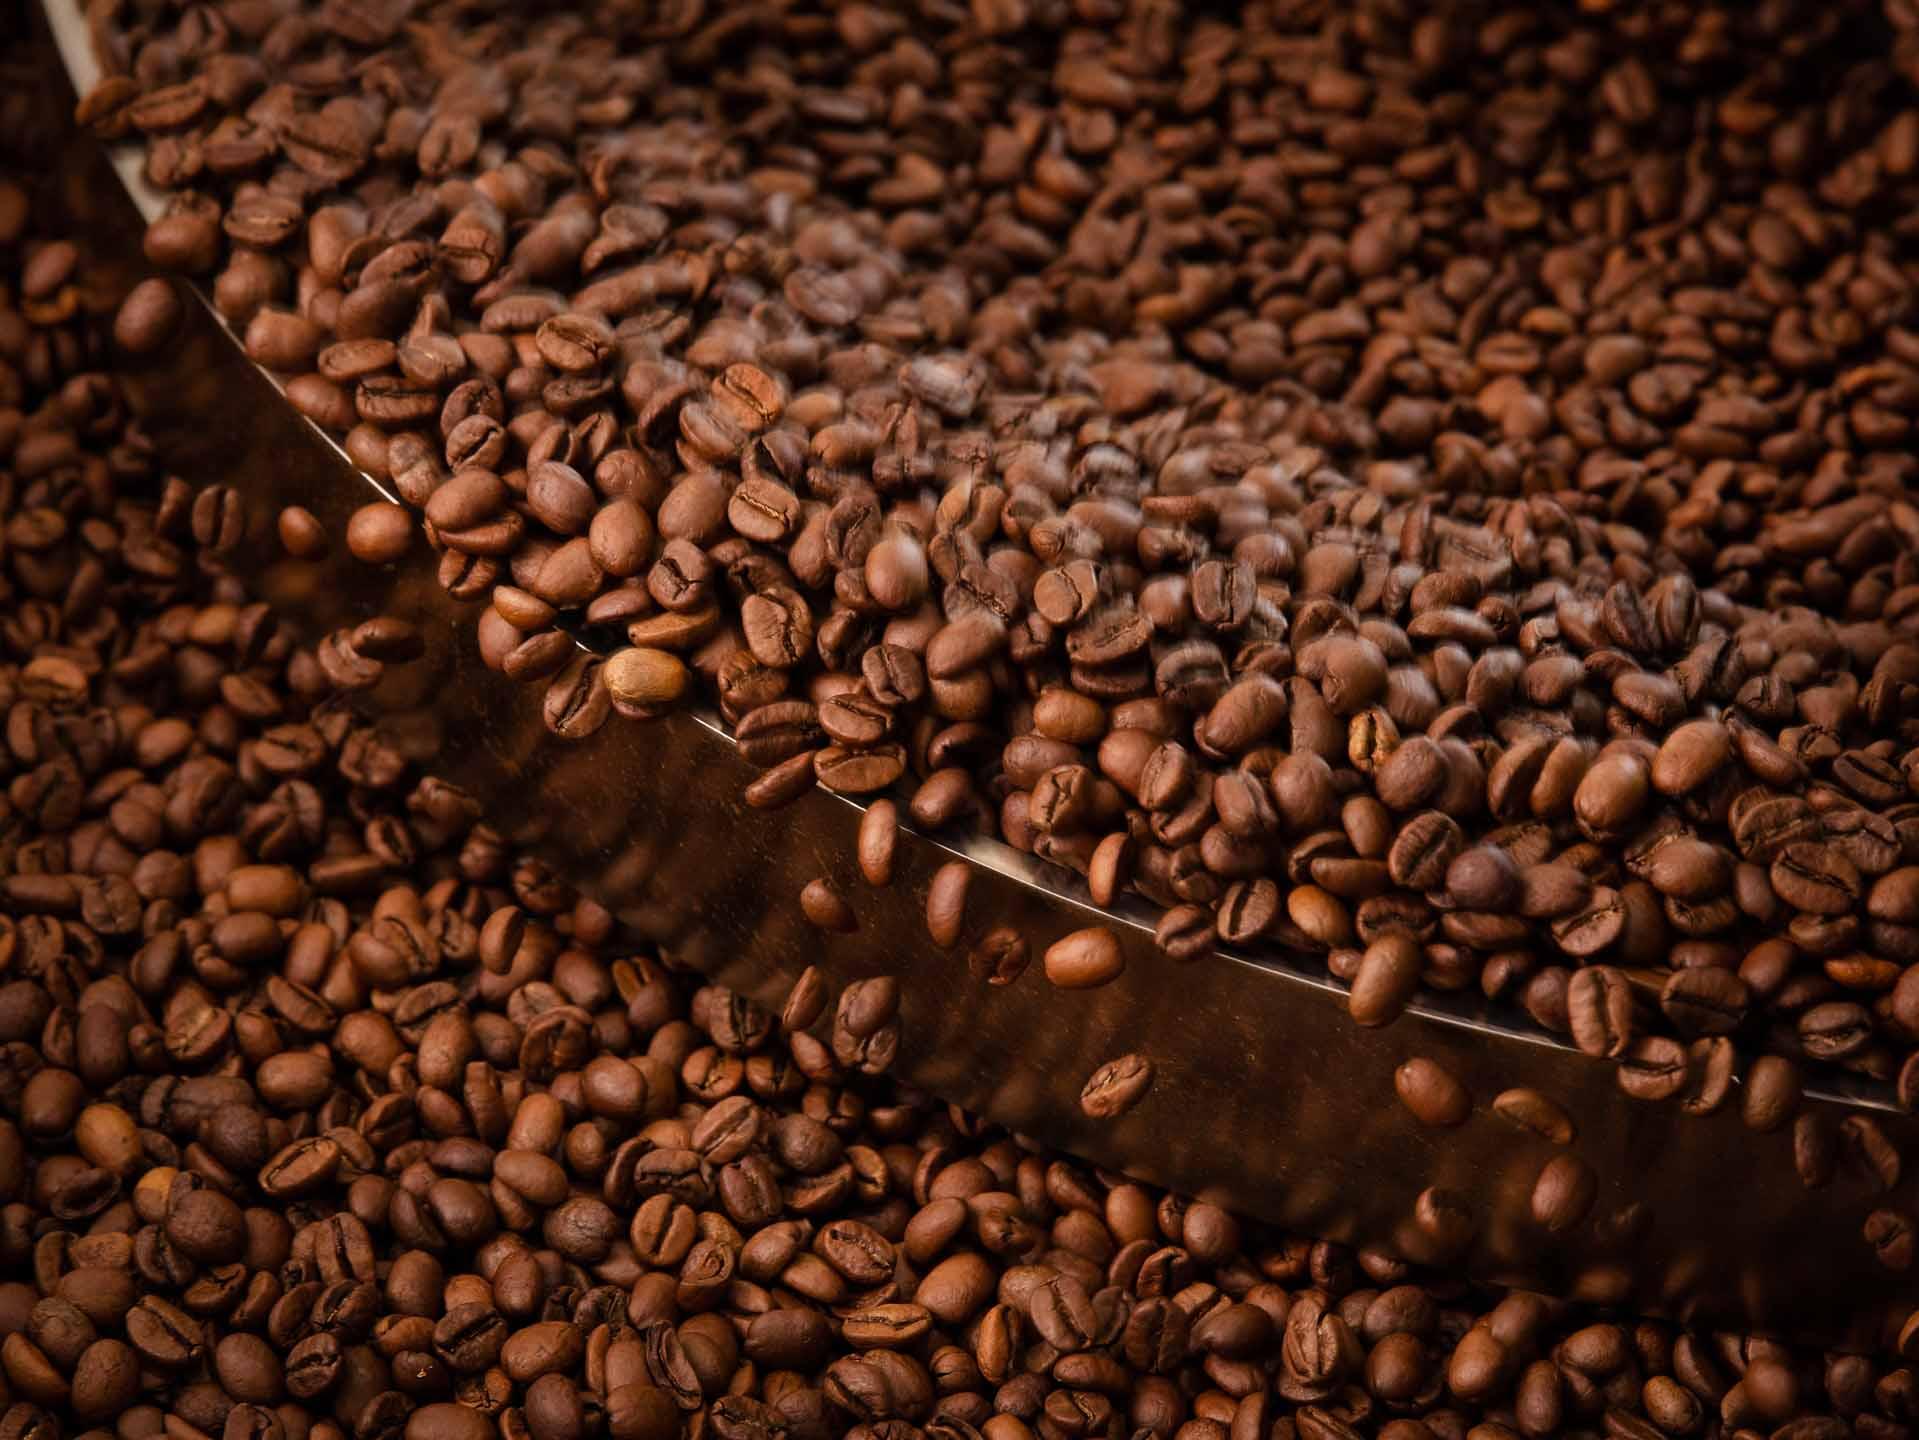 Kaffeebohnen nach dem Rösten